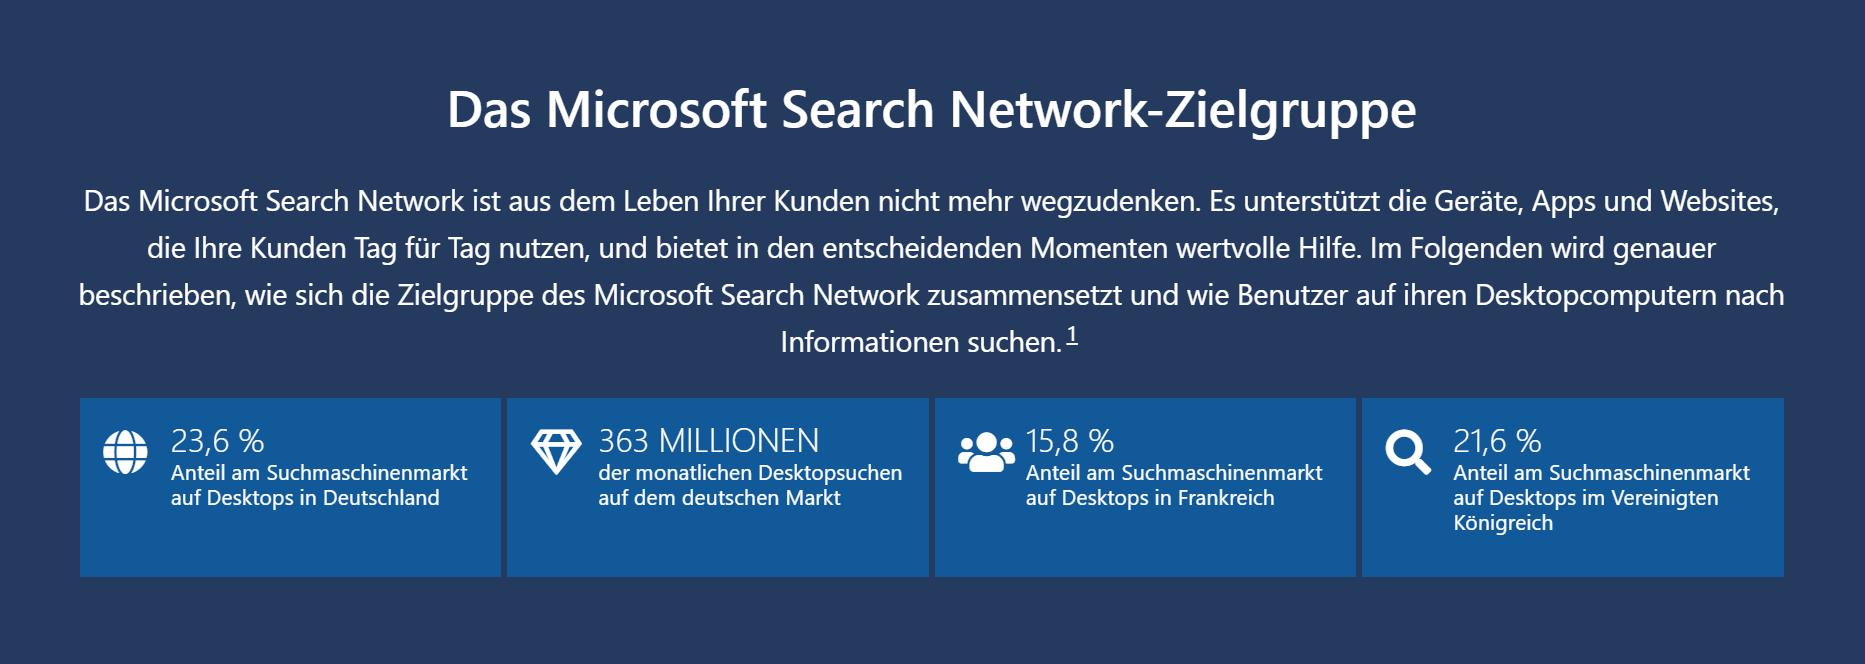 Der Marktanteil von Microsoft Advertising liegt auf Desktops in Deutschland bei 23,6 %.